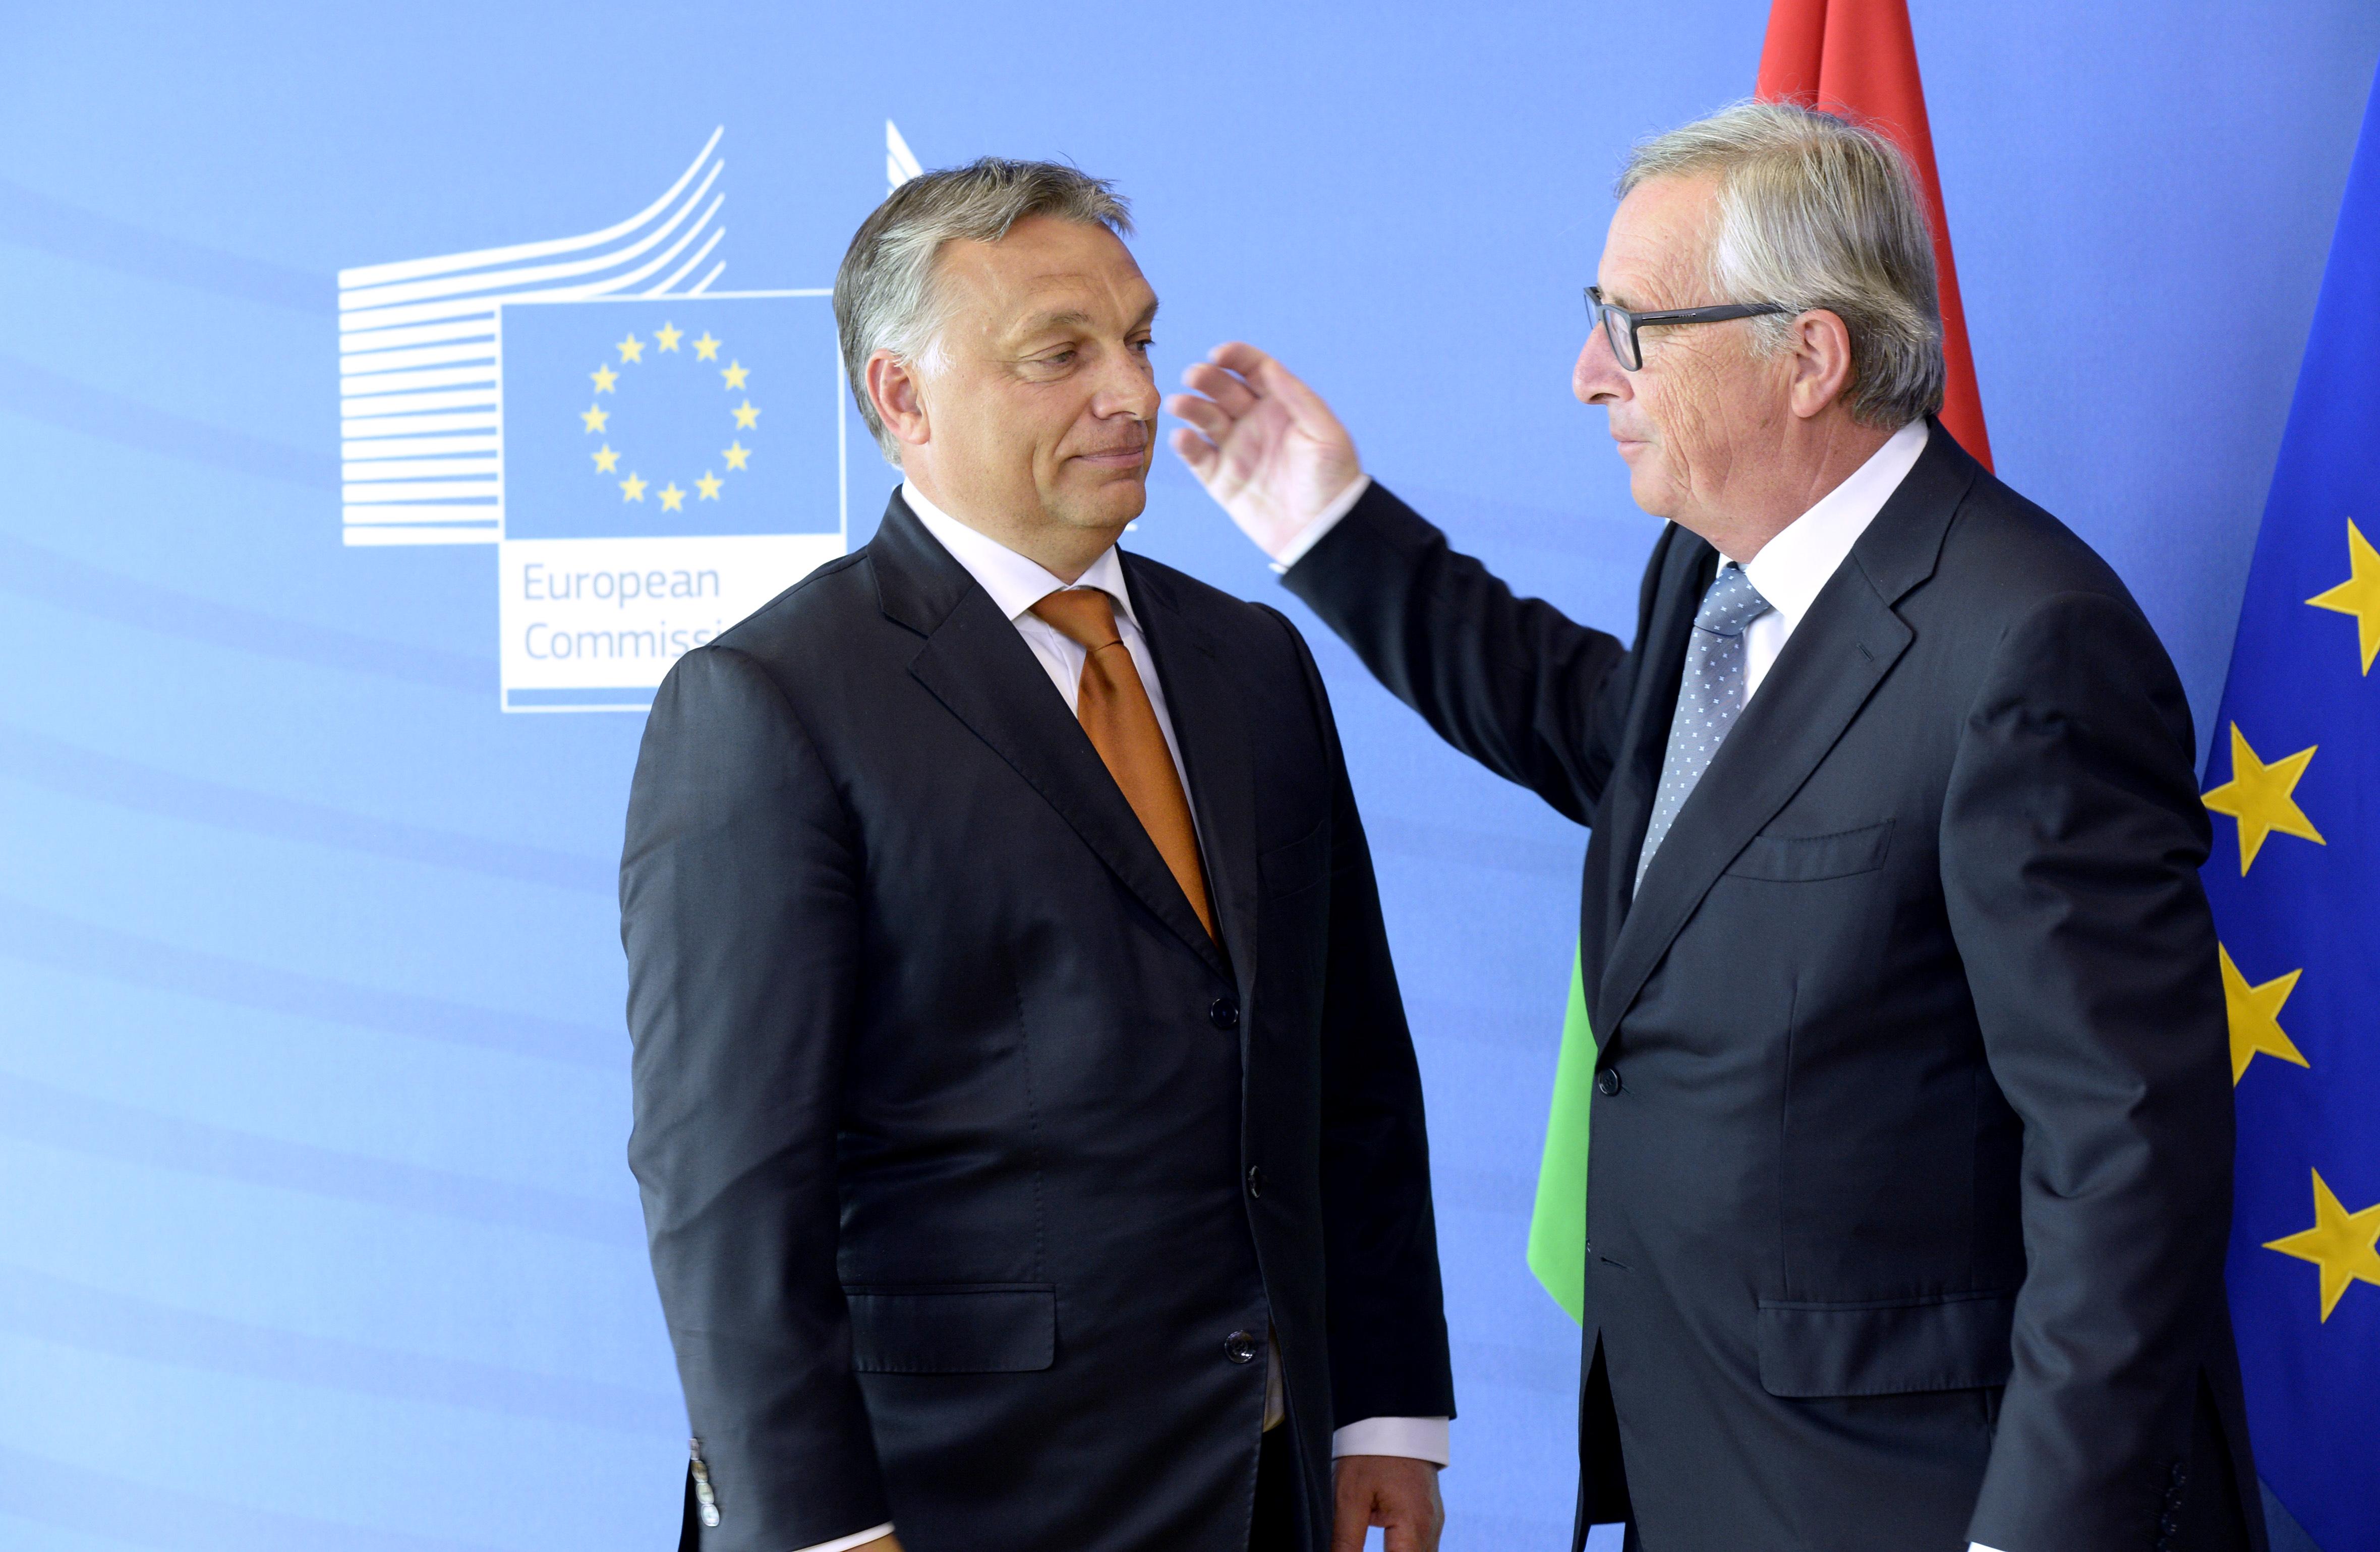 Szeretjük az uniót és még a fideszesek többsége szerint is problémás az EU pénzek körüli korrupció mértéke